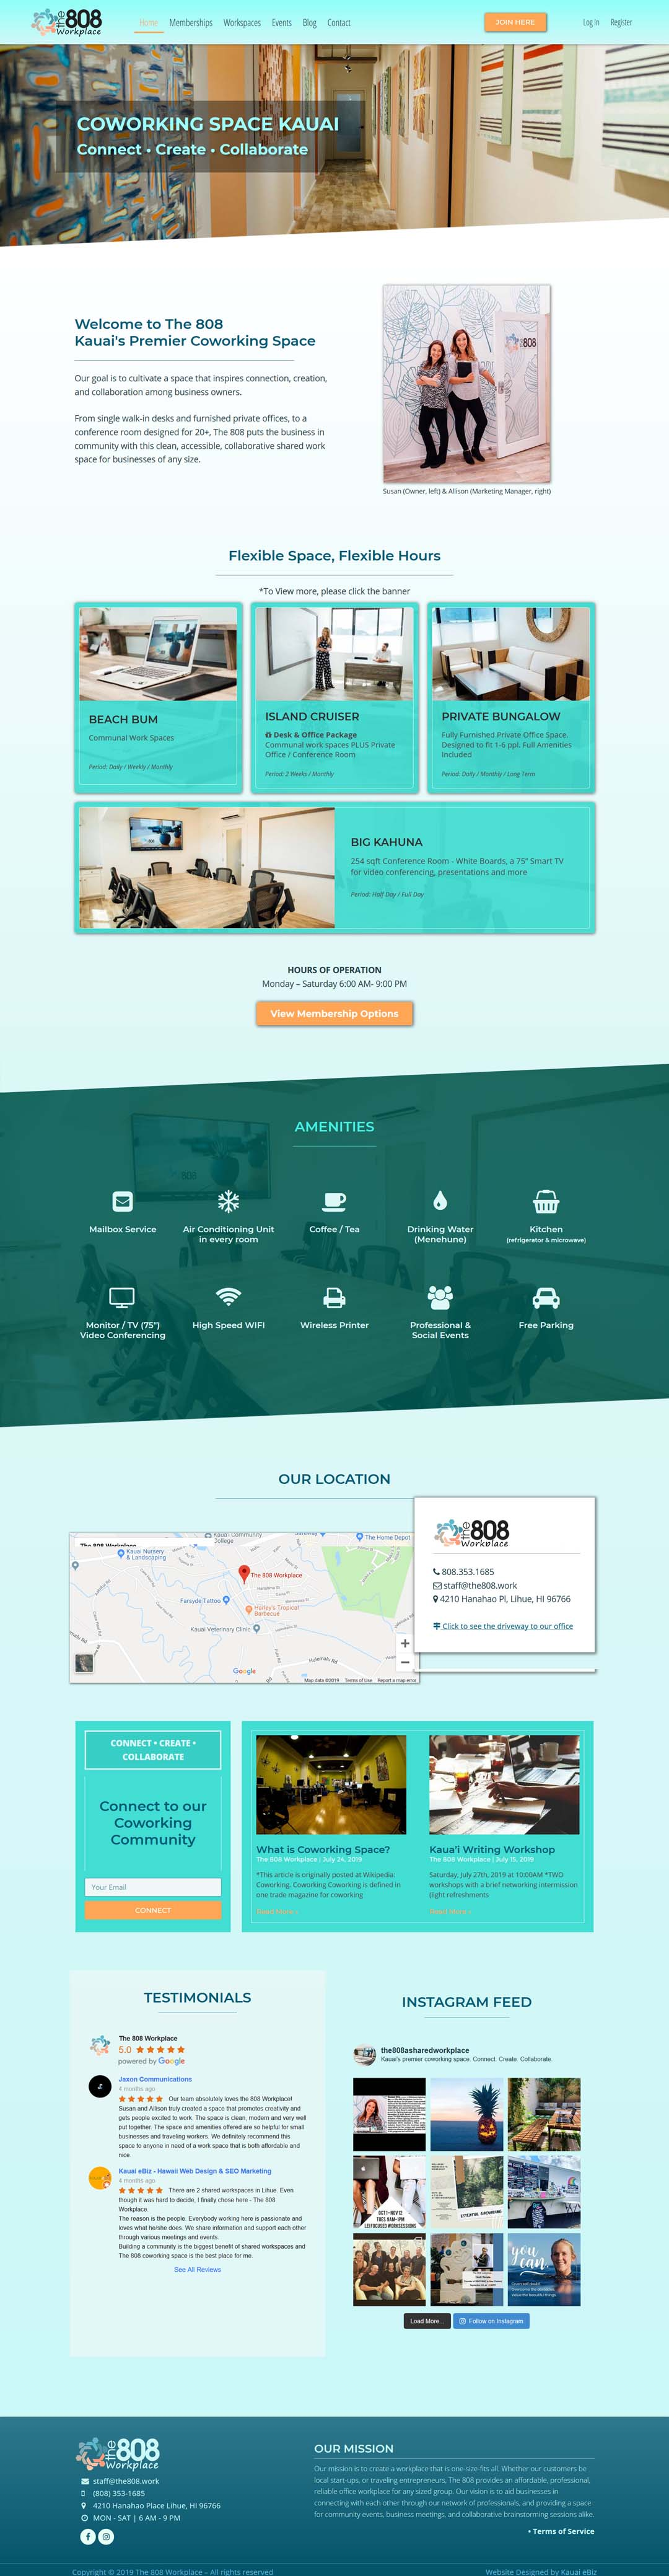 The 808 Coworking Space Kauai website